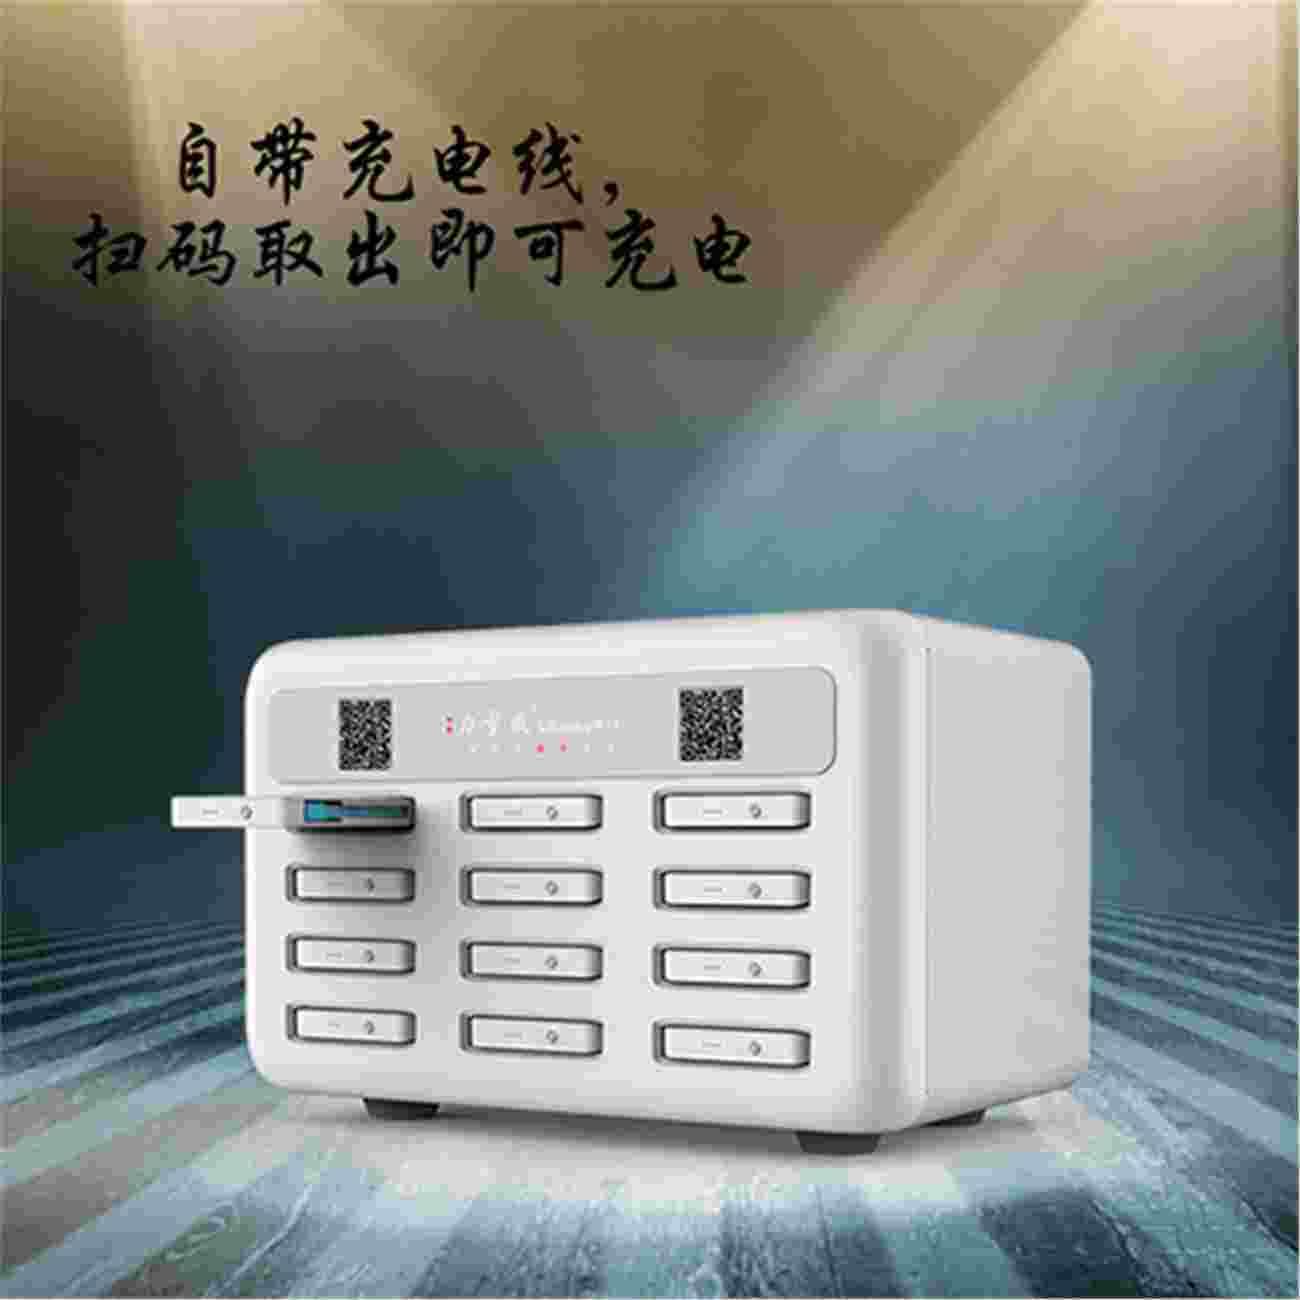 共享充电宝机柜,共享充电宝厂家GX-03